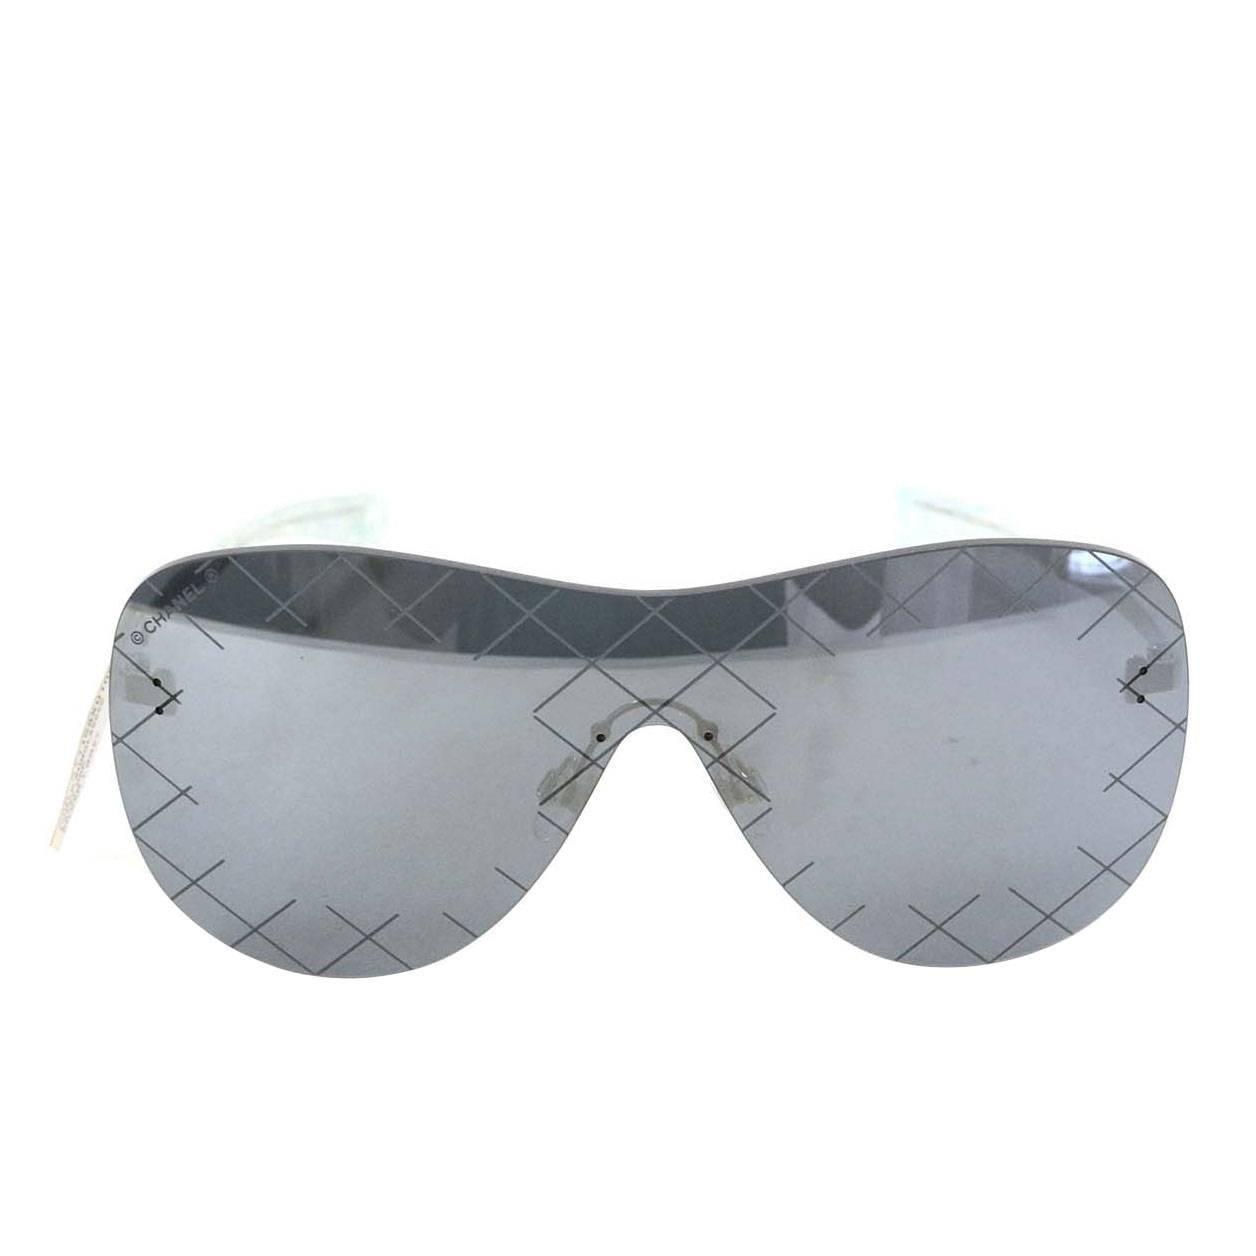 Chanel NEW \'16 Silver & Grey Shield Mirror Aviator Sunglasses